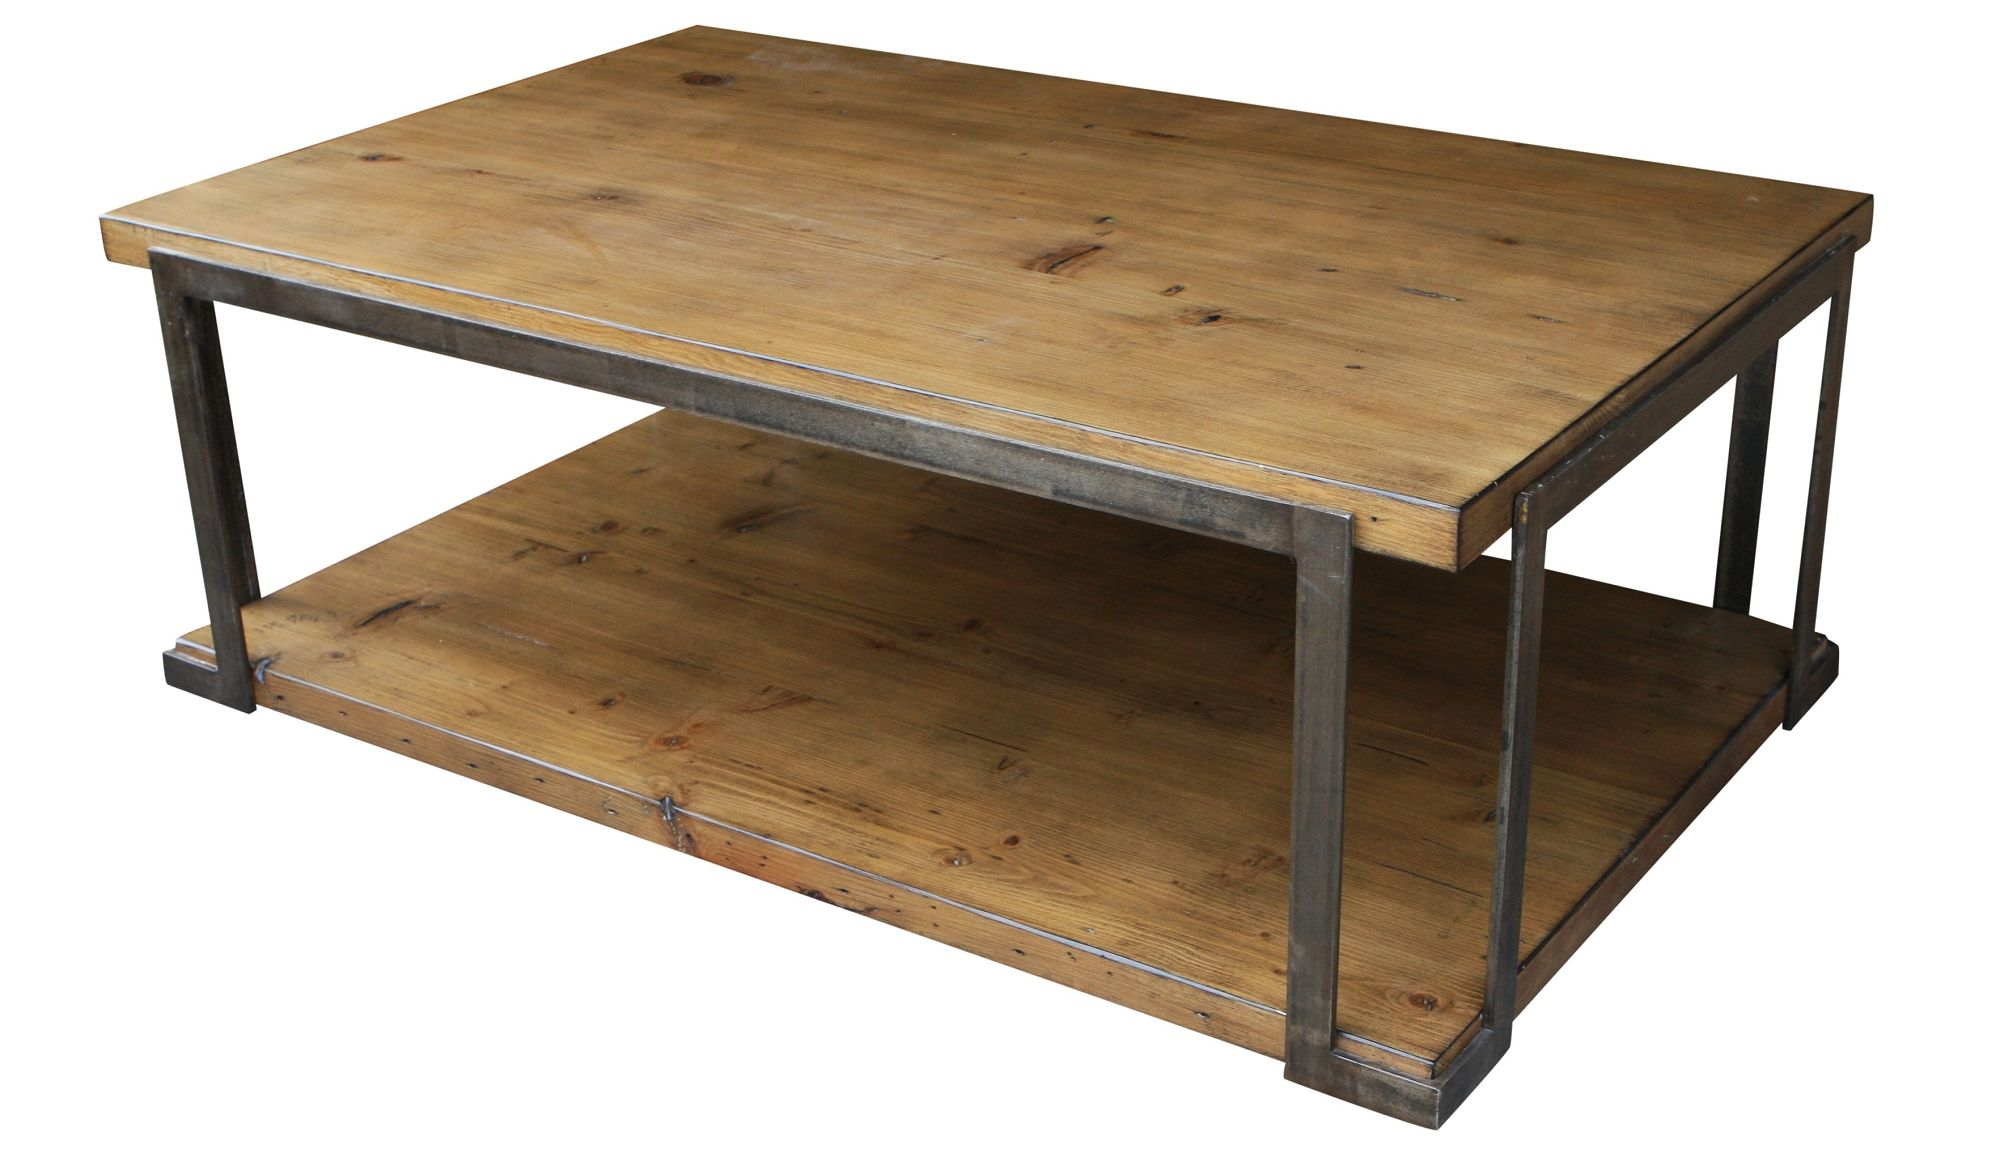 Industrial Wood Metal Coffee Table Google Search Coffee Table Round Metal Coffee Table Modern Industrial Coffee Table [ 1170 x 2000 Pixel ]